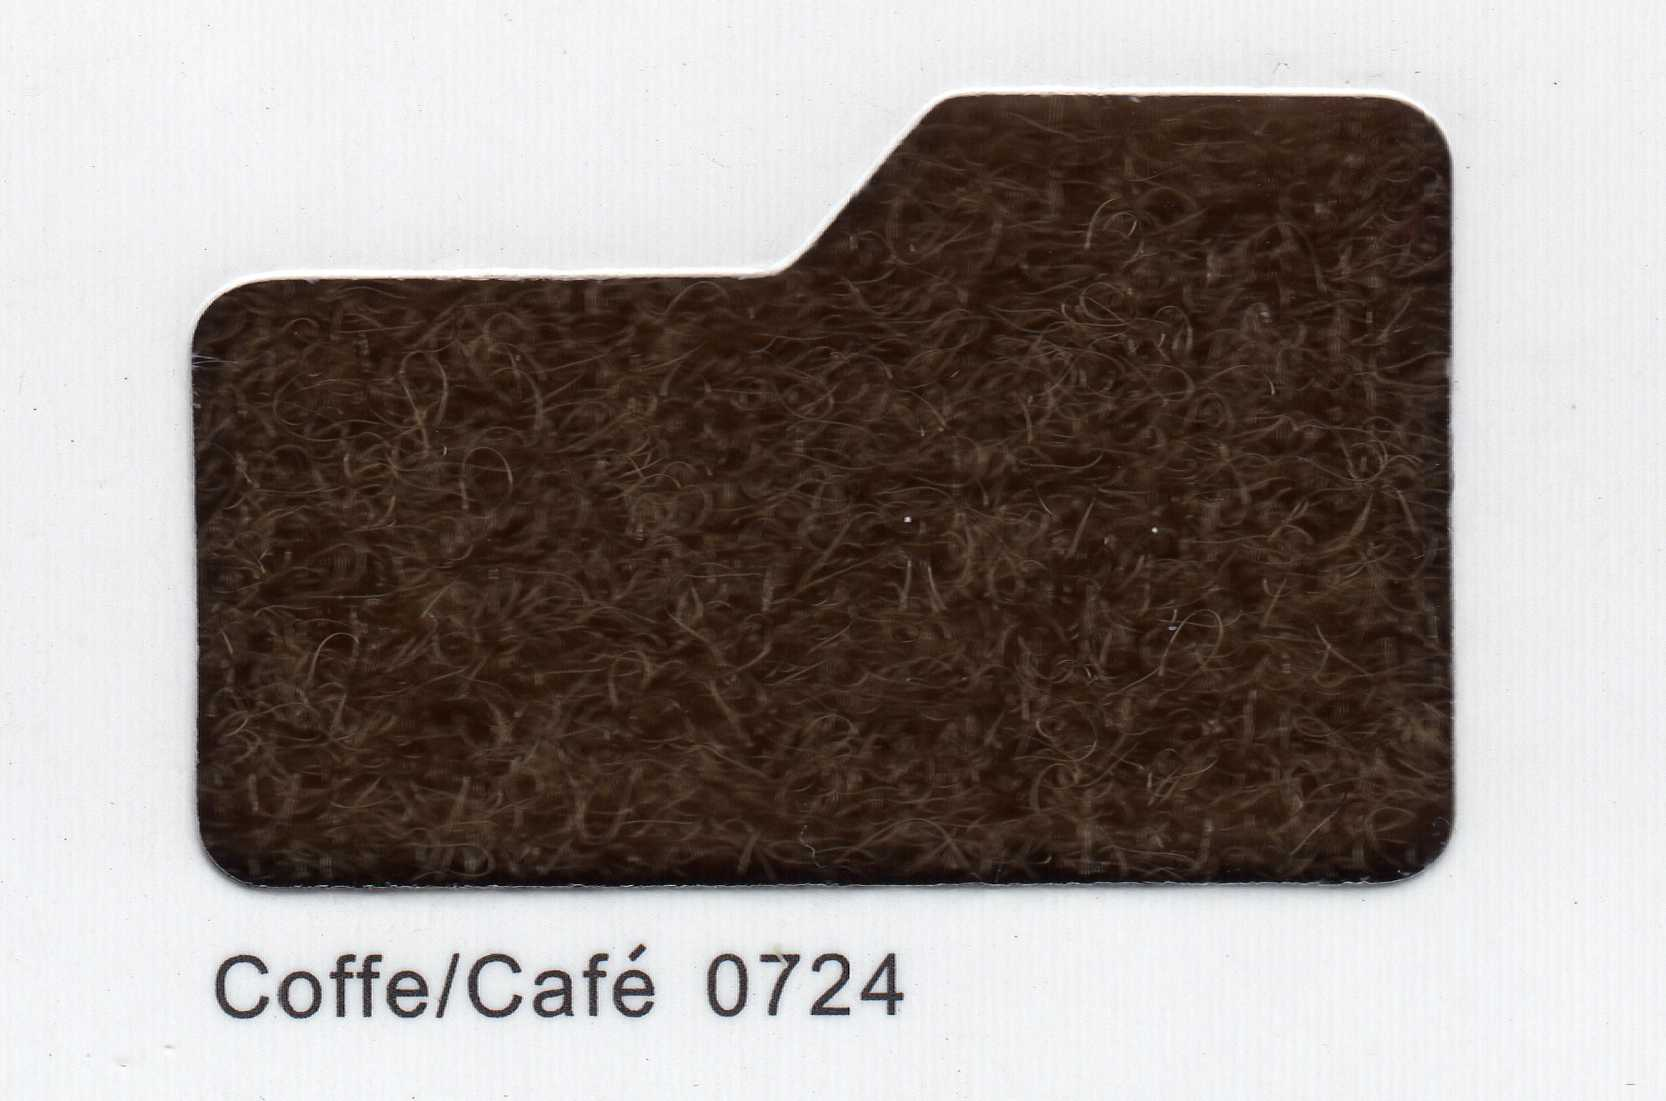 Cinta de cierre Velcro-Veraco 38mm Café 0724 (Rizo).